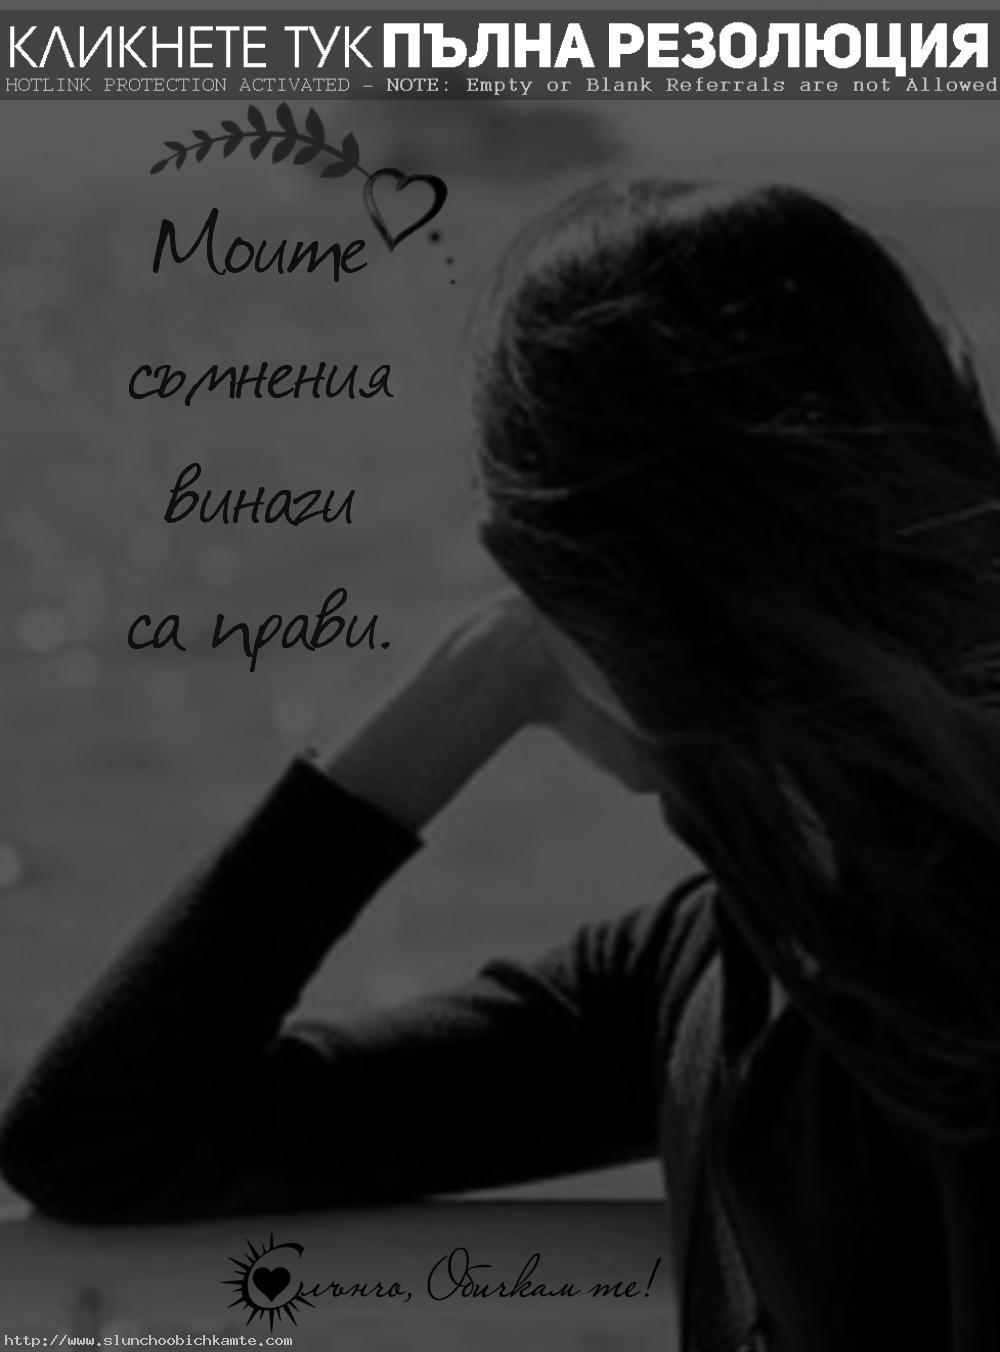 Моите съмнения винаги са прави - интуиция, женска интуиция, шесто чувство, усещане, знаех си, очаквах го, любов, раздяла, самота, разочарование, обич, истинска любов, предусещане, предчувствие, бях права, знаех си, идиот, изневяра, предателство, любовен триъгълник